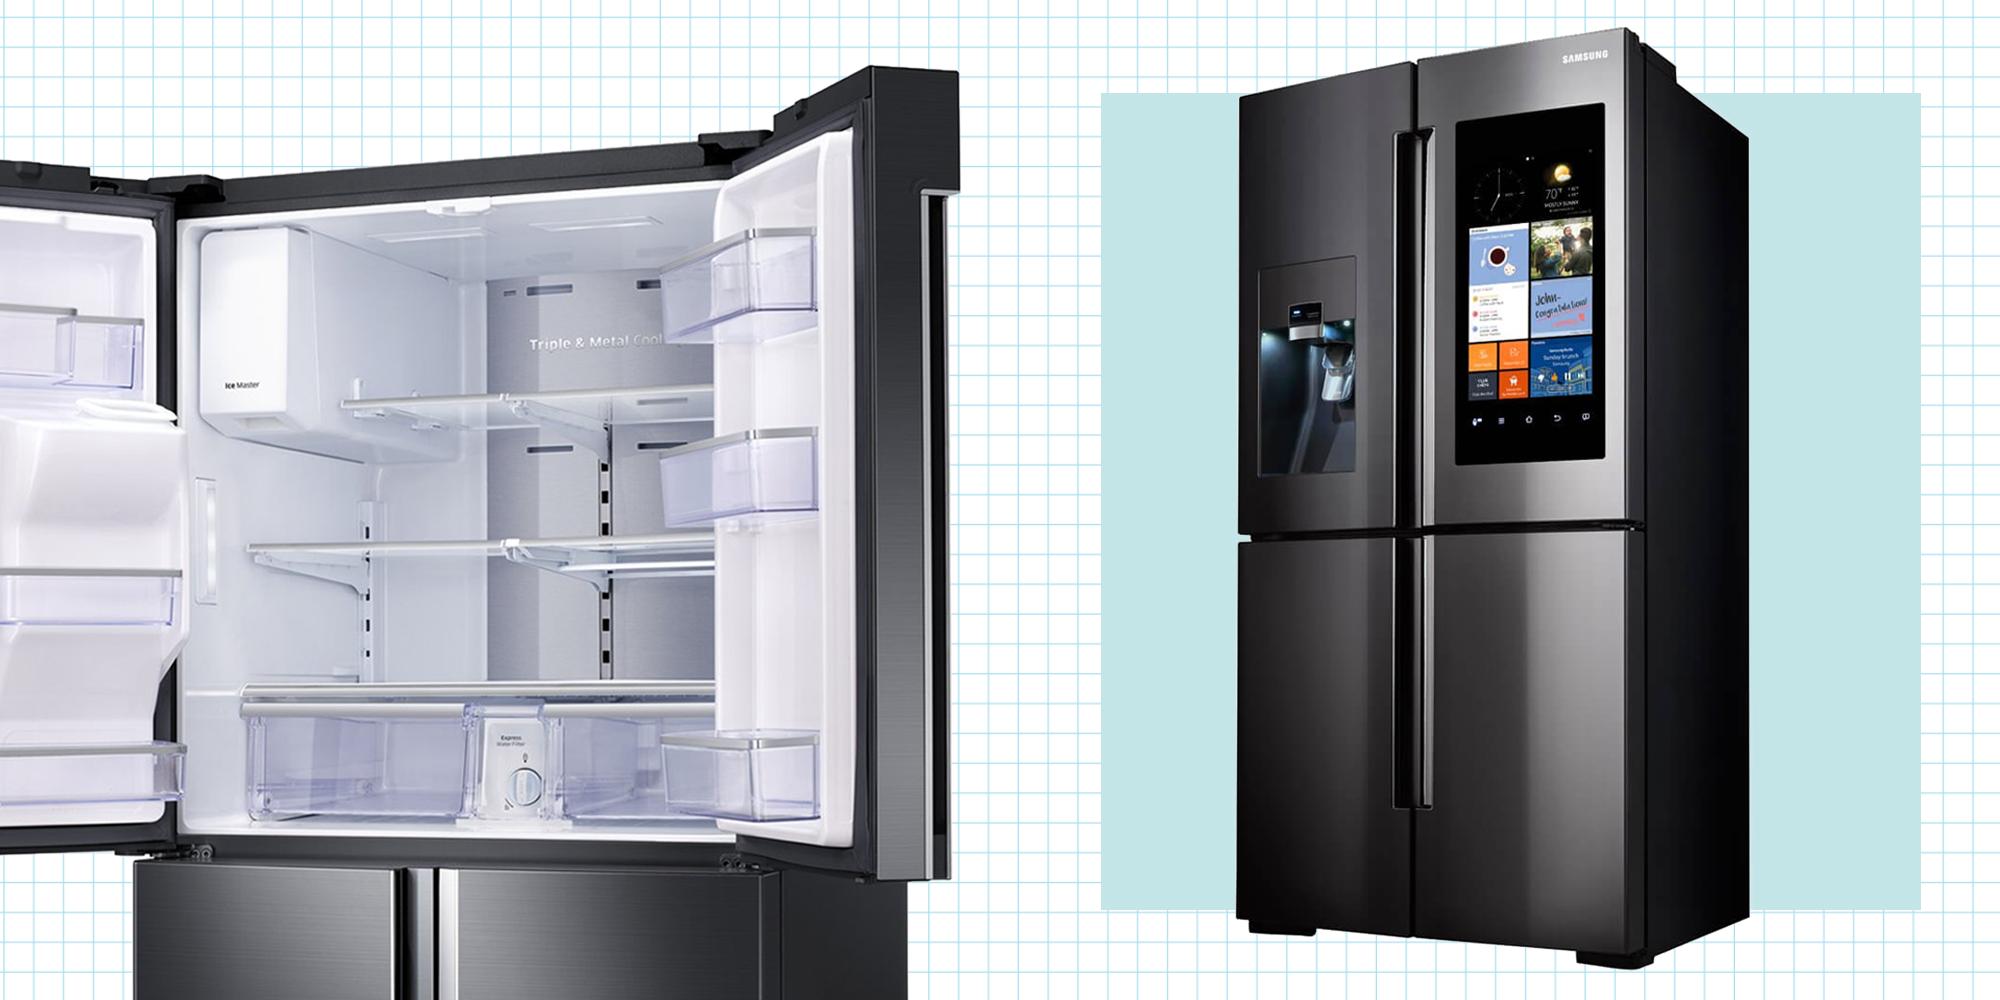 9 best french door refrigerators 2019 top french door fridge reviewsBest General Electric Refrigerator Tool Box #12